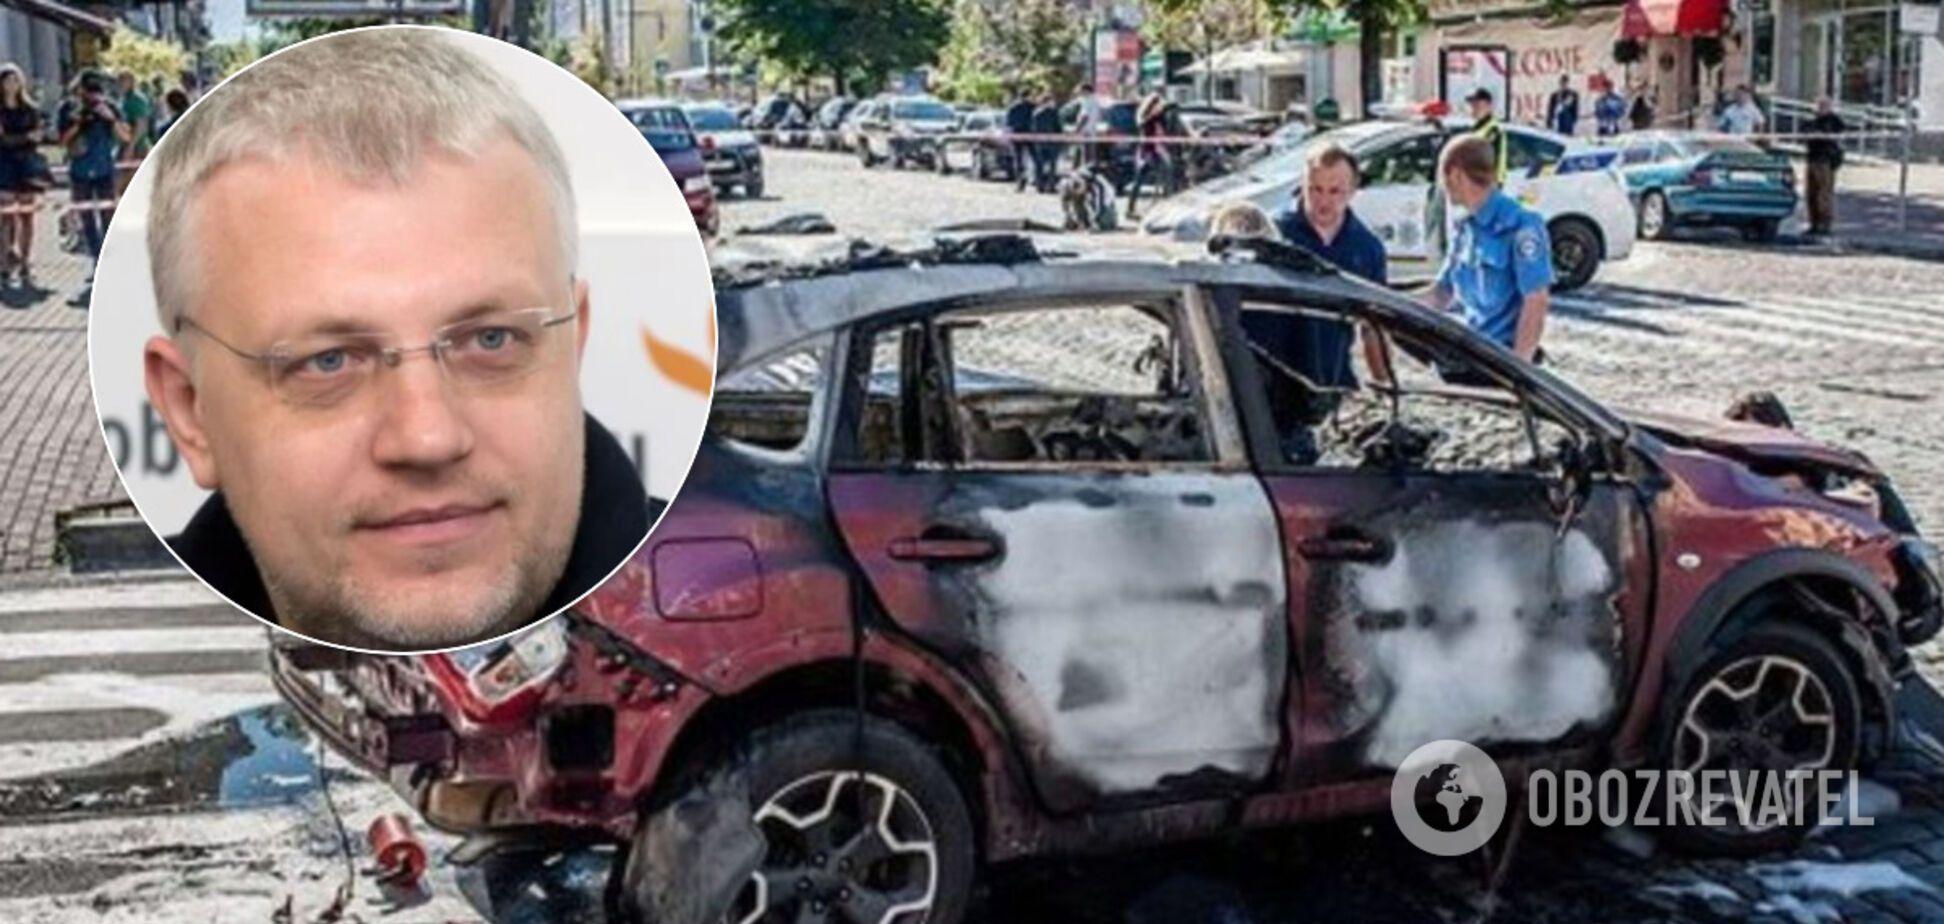 Вбивство Шеремета: адвокат повідомив про завершення розслідування та розкриття доказів